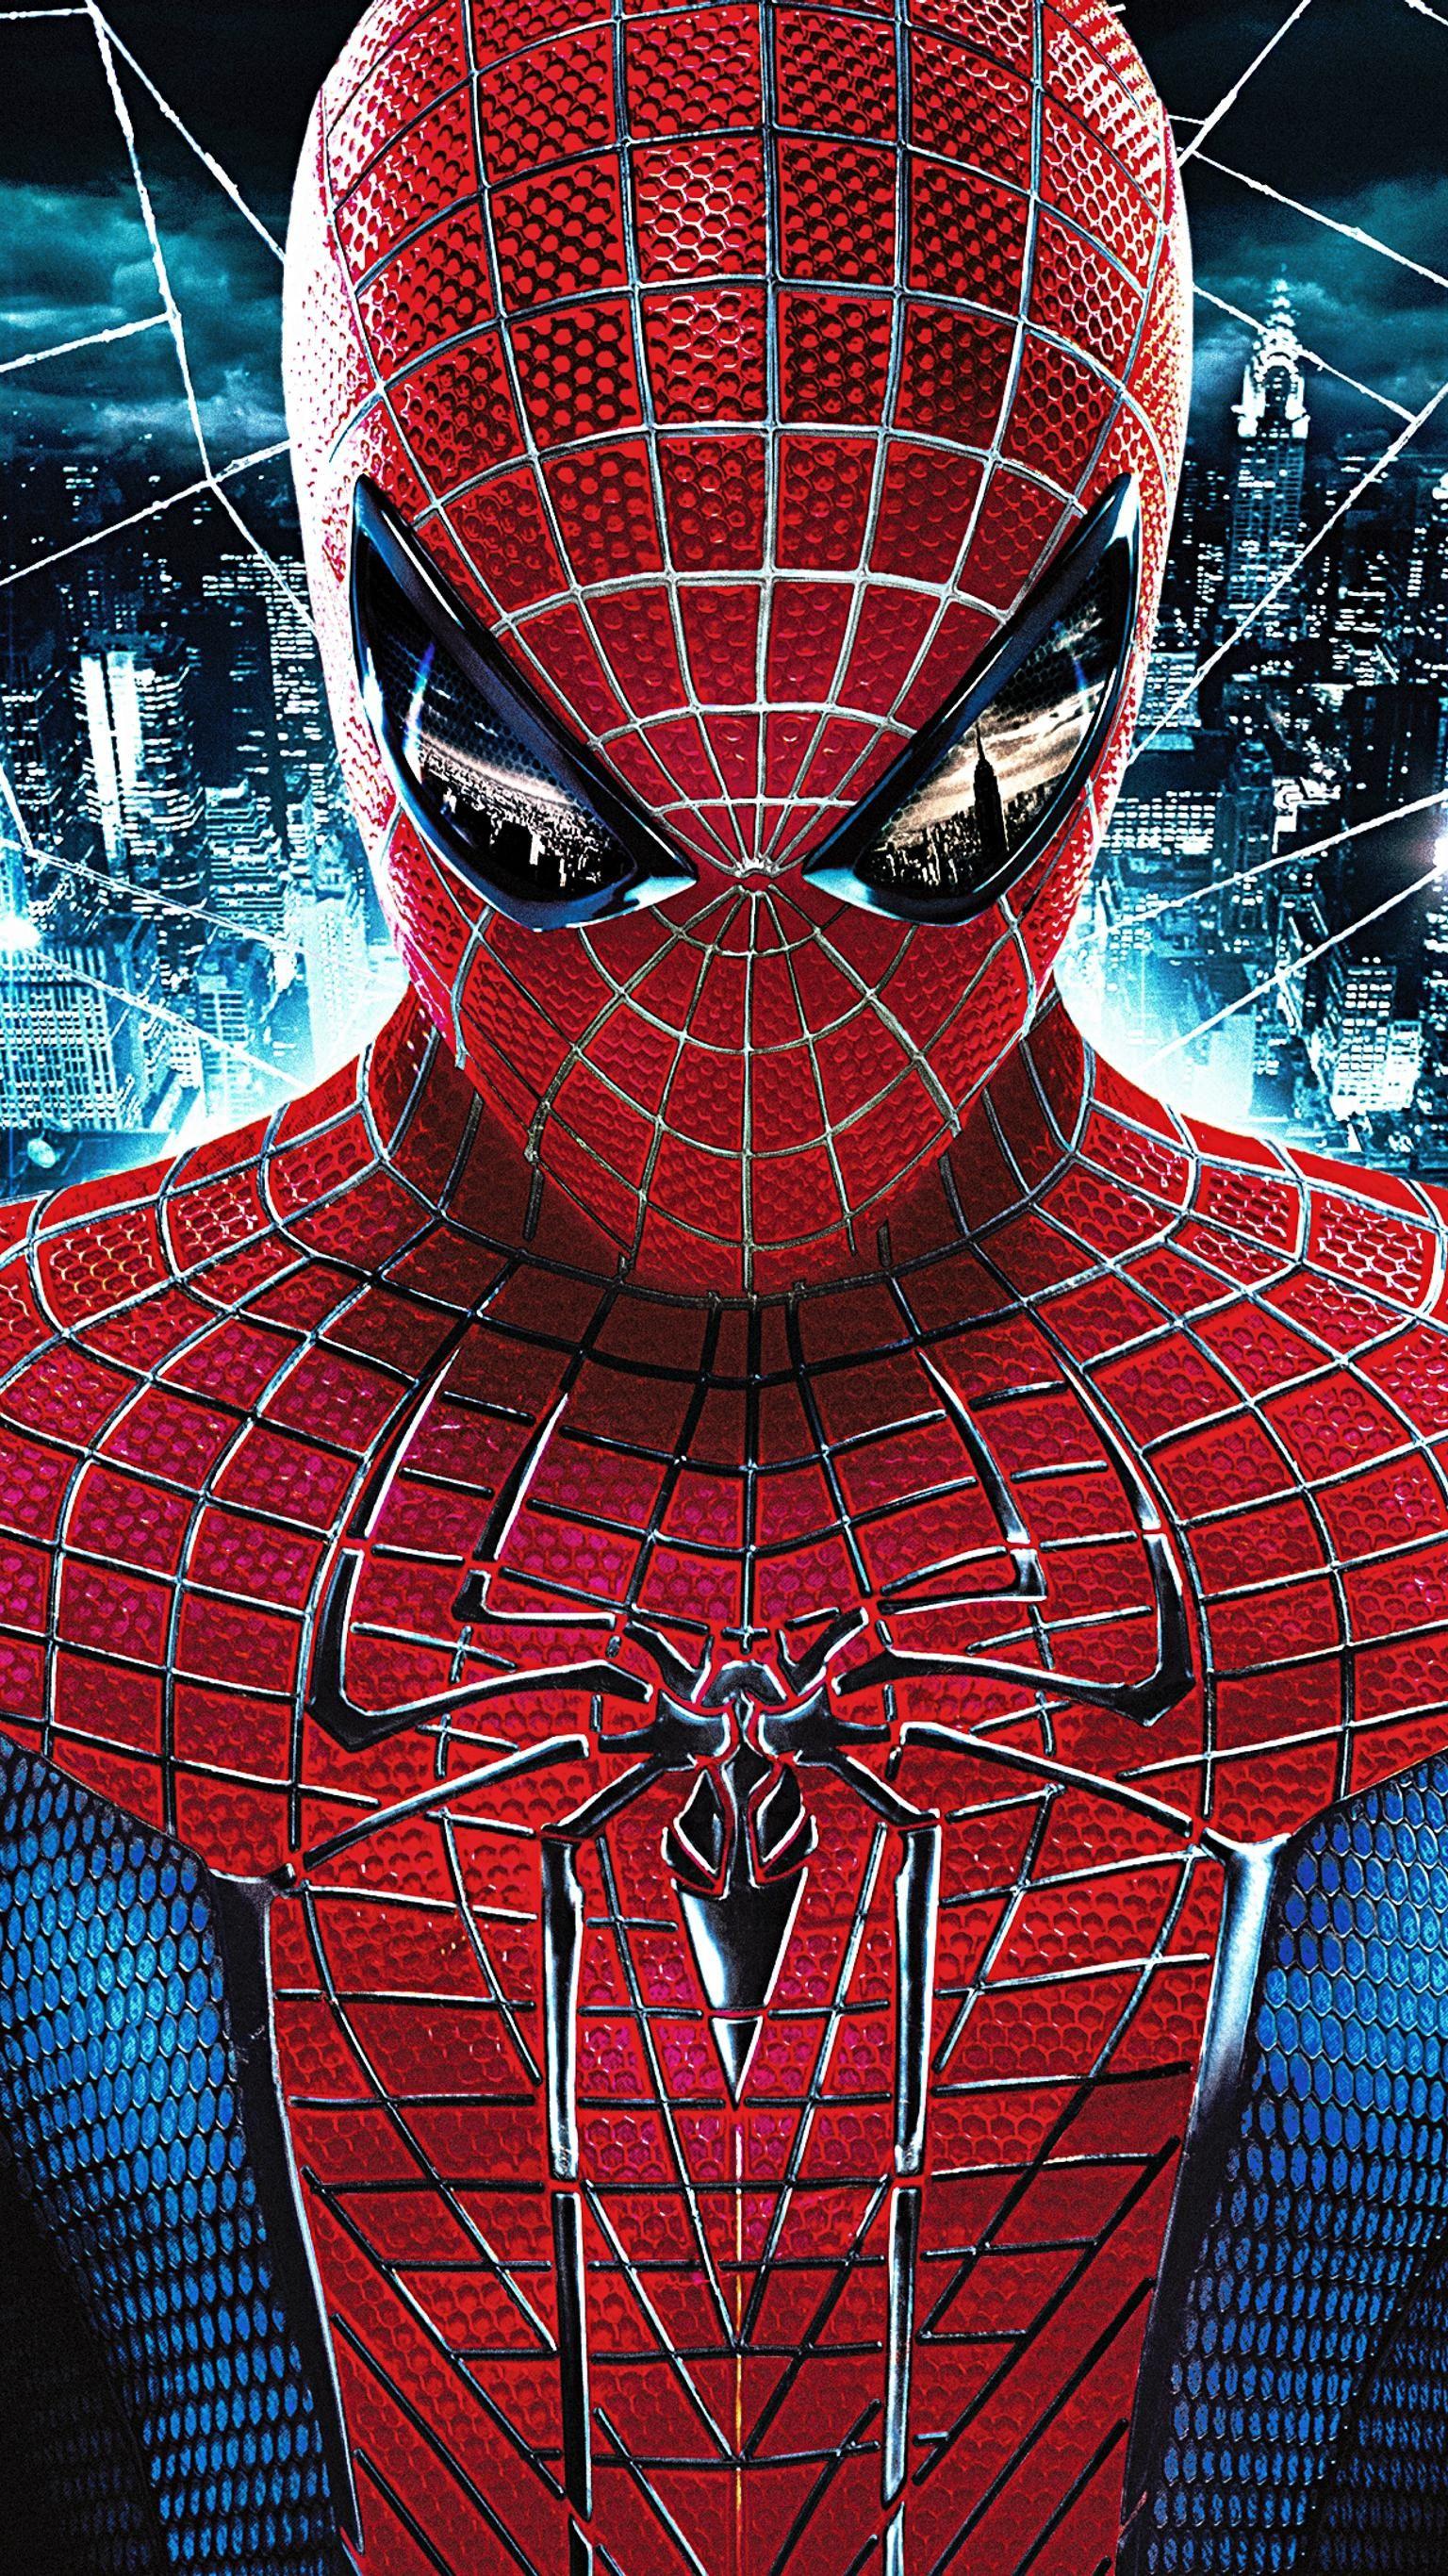 The Amazing Spider Man 2012 Phone Wallpaper Spider Man